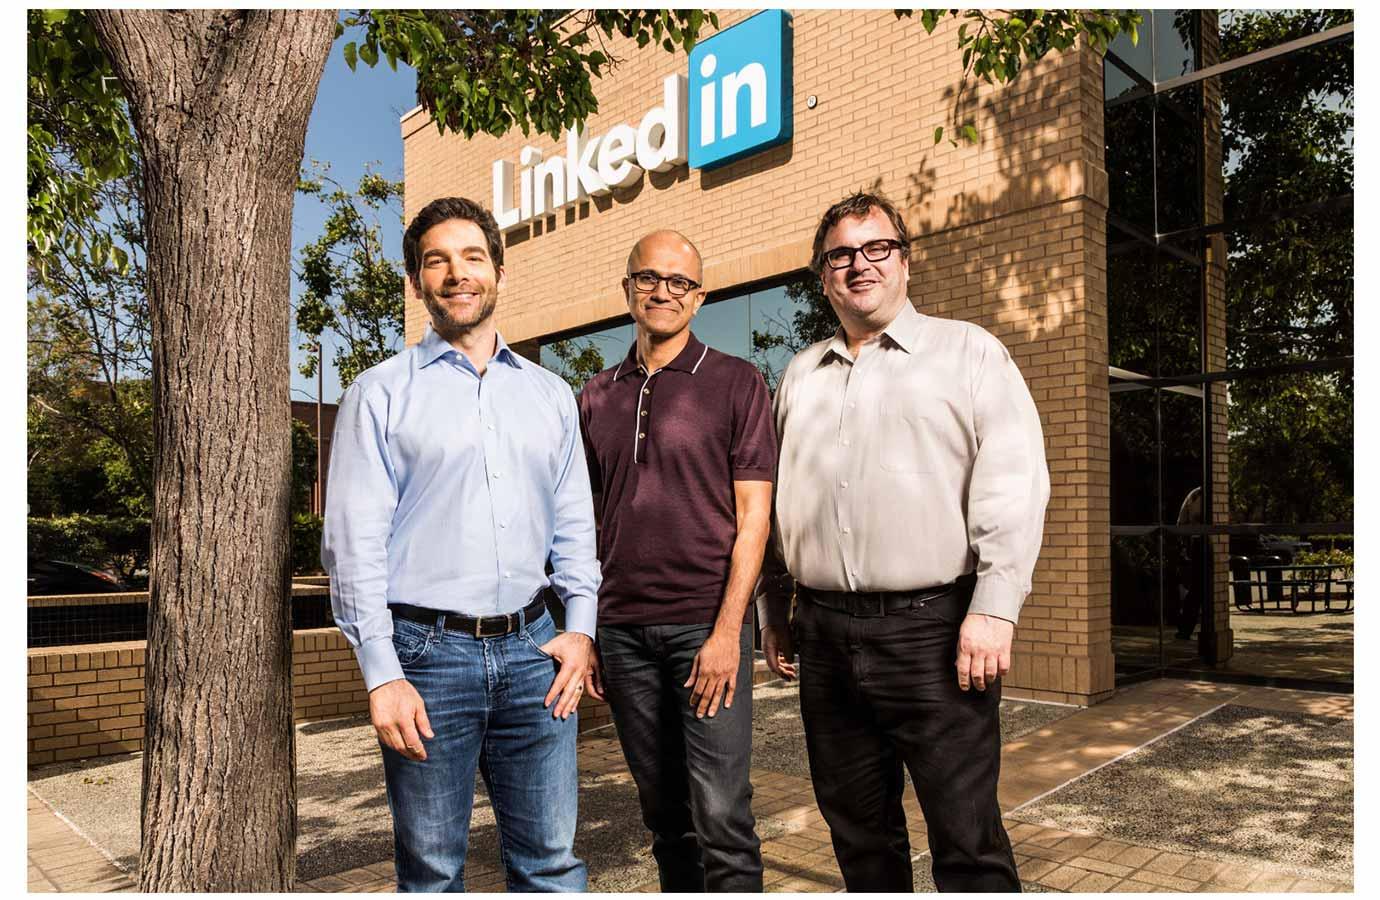 Microsoft、「LinkedIn」を買収することを発表、買収額は262億ドル